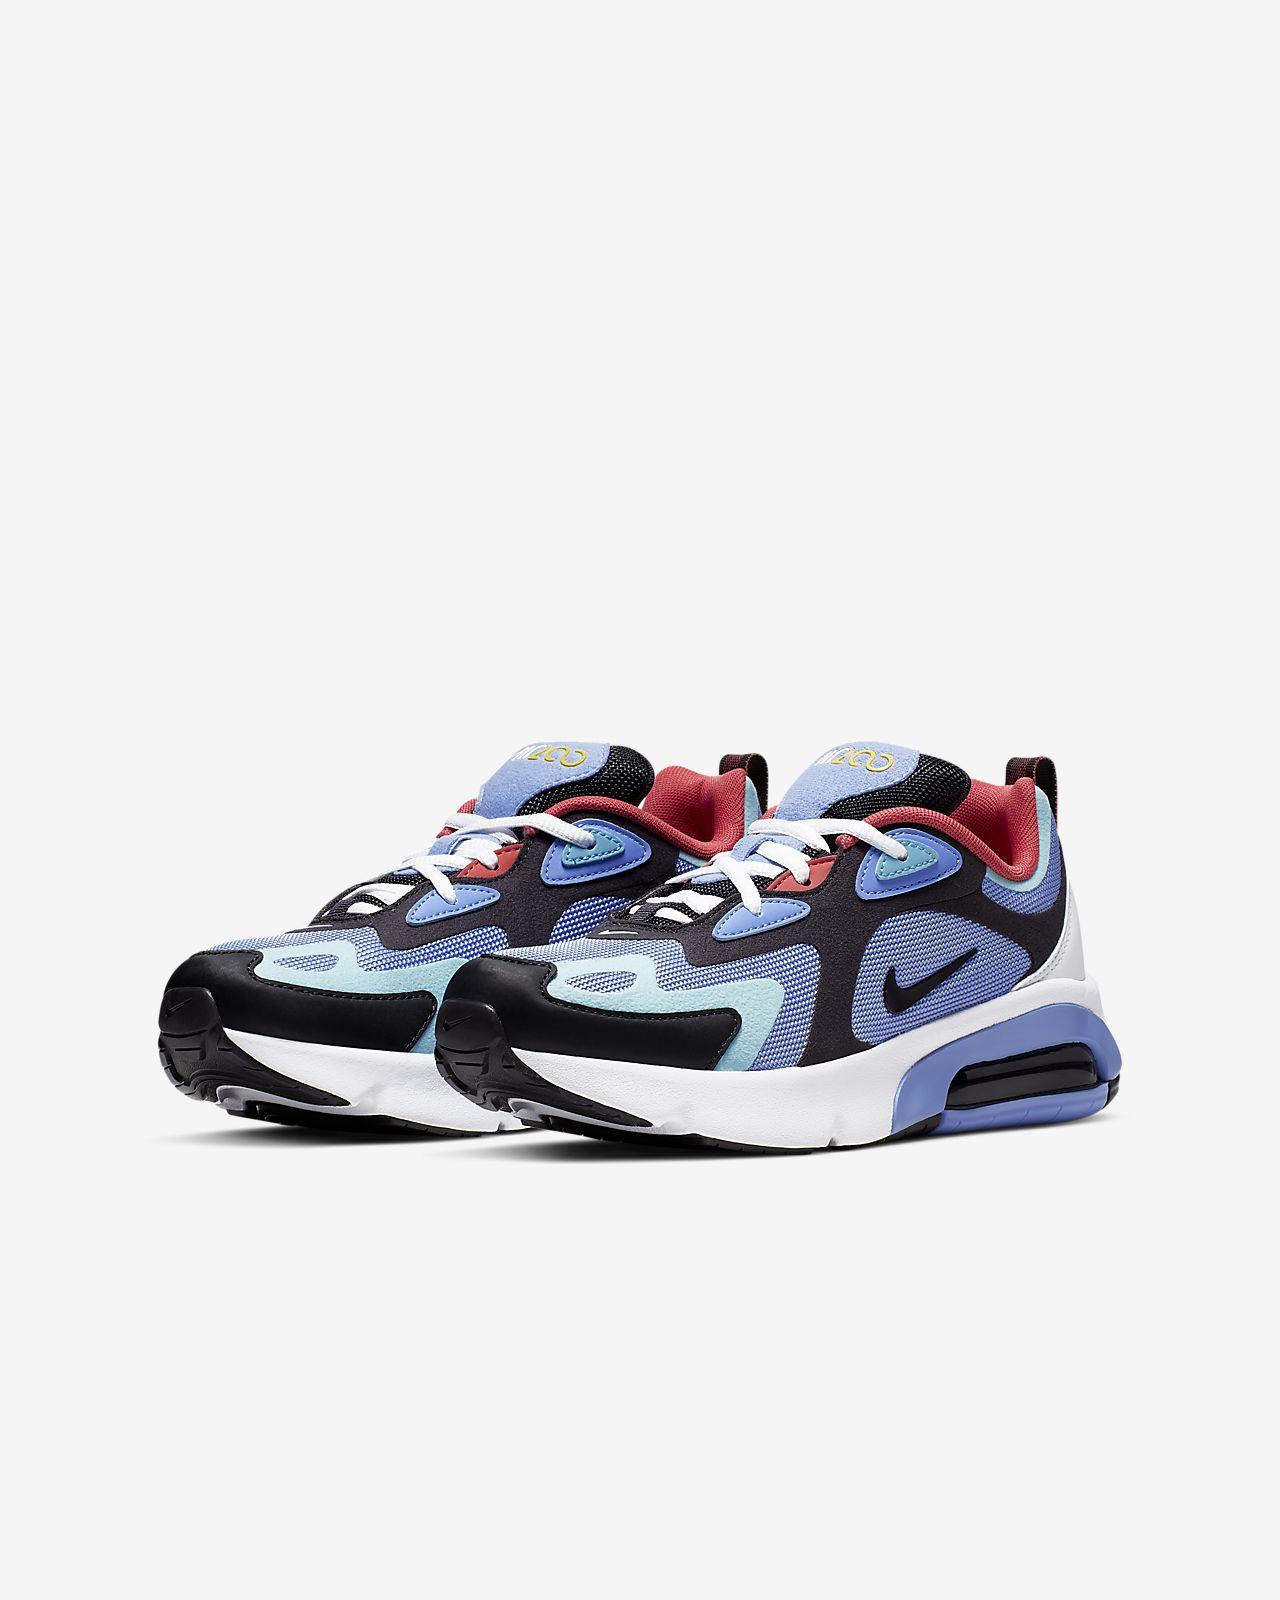 Air Nike Kinder Ältere 200 Für Schuh Max D9YWIE2H